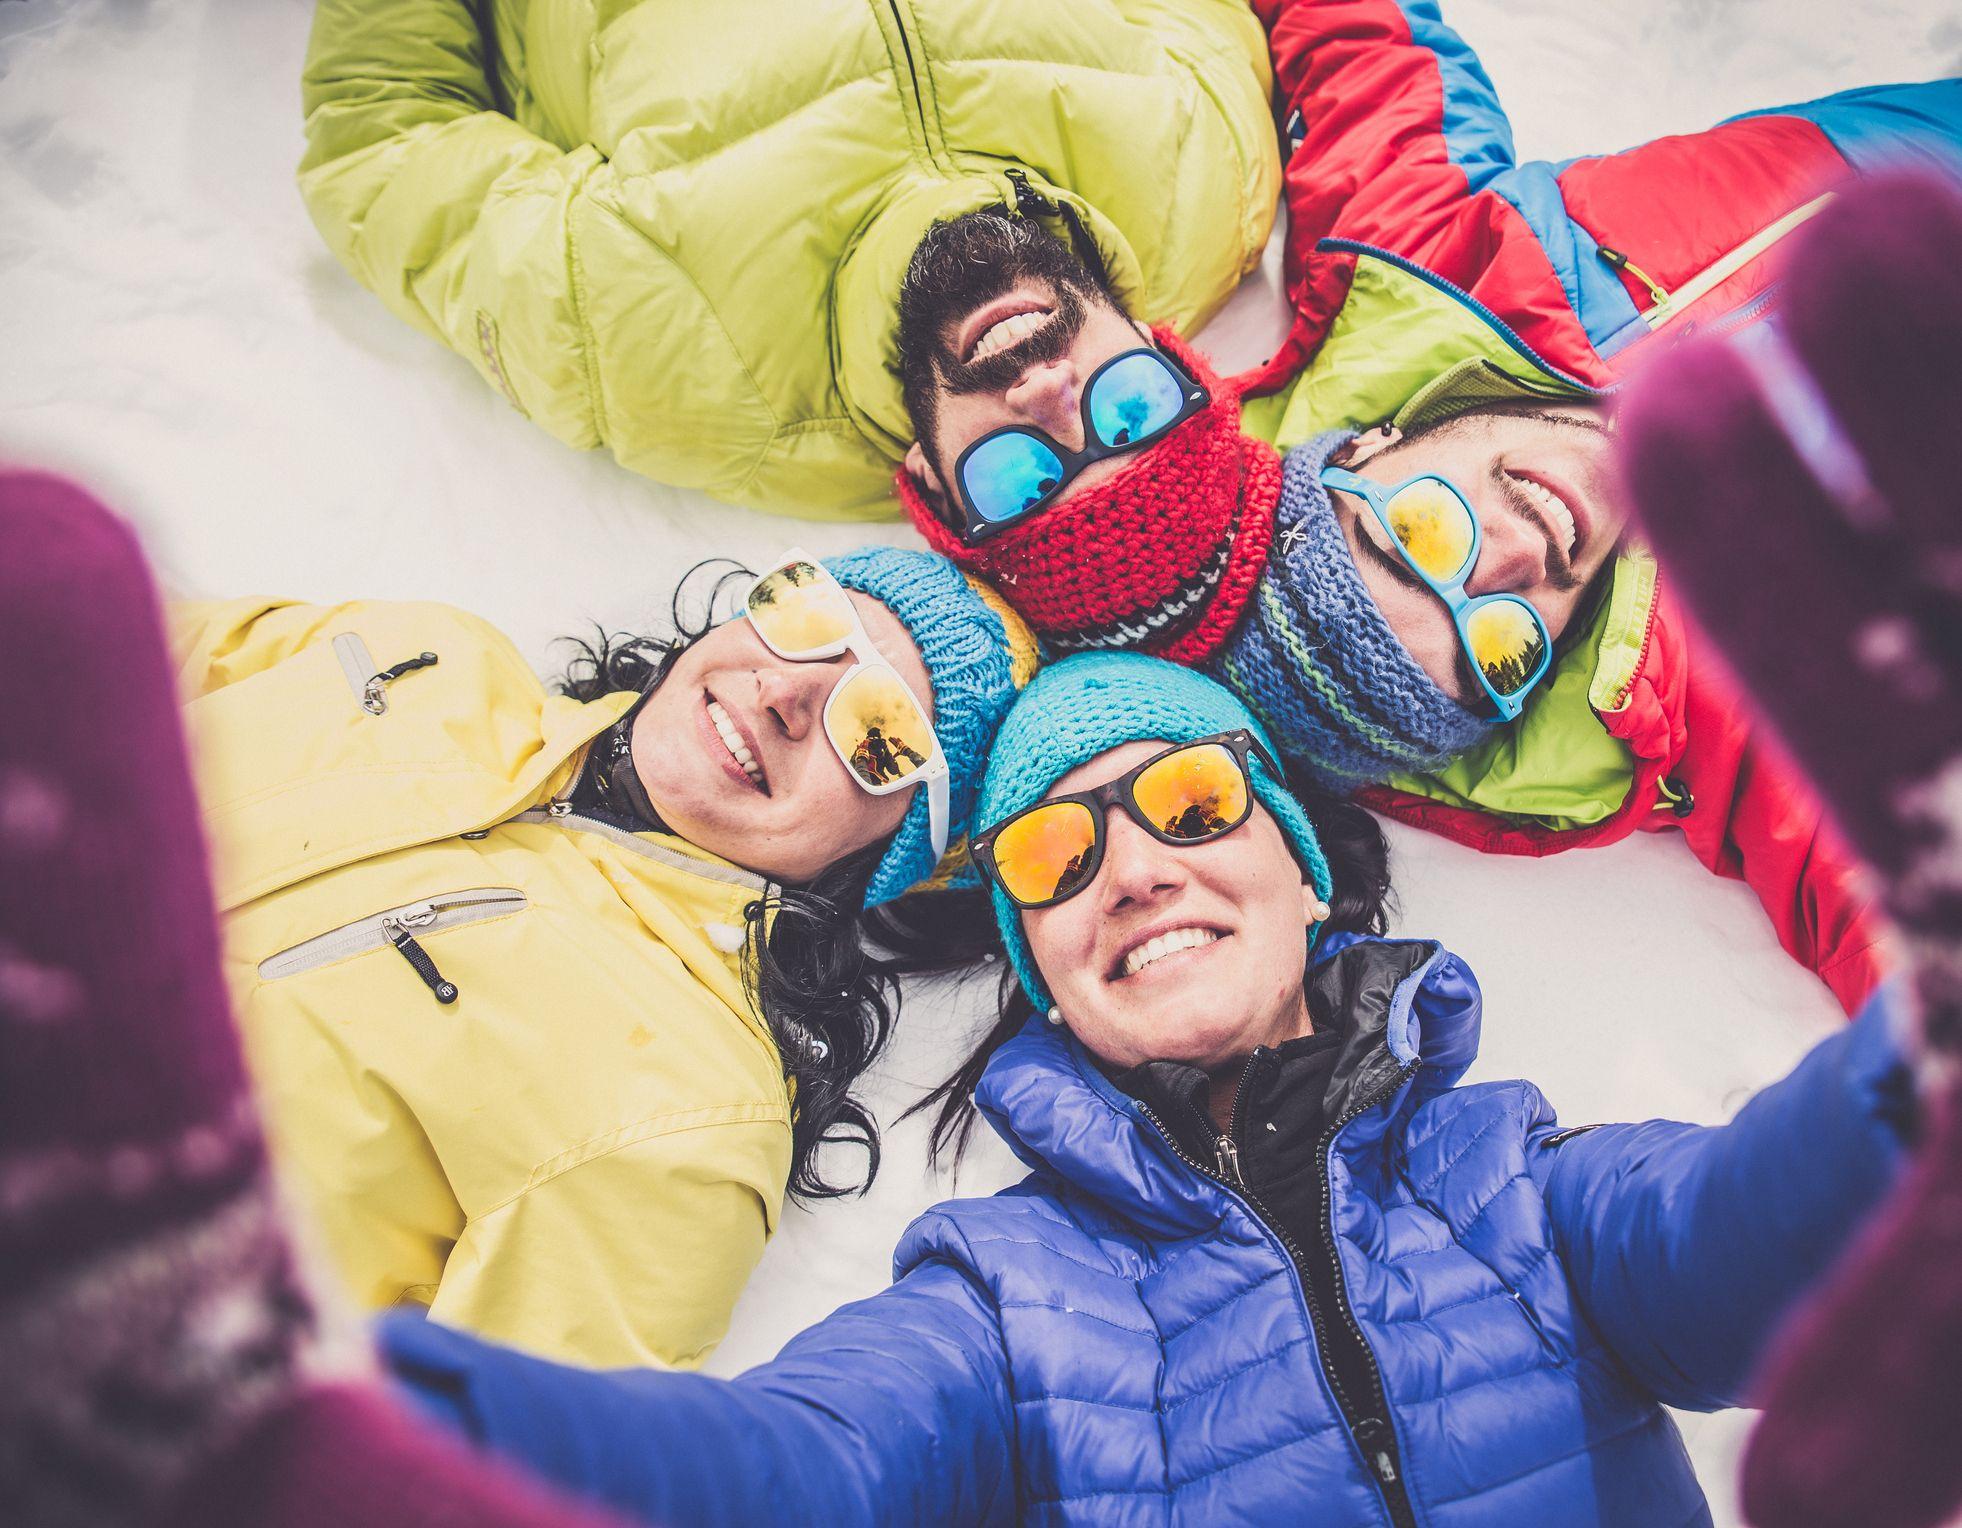 capas en la ropa de esquiar